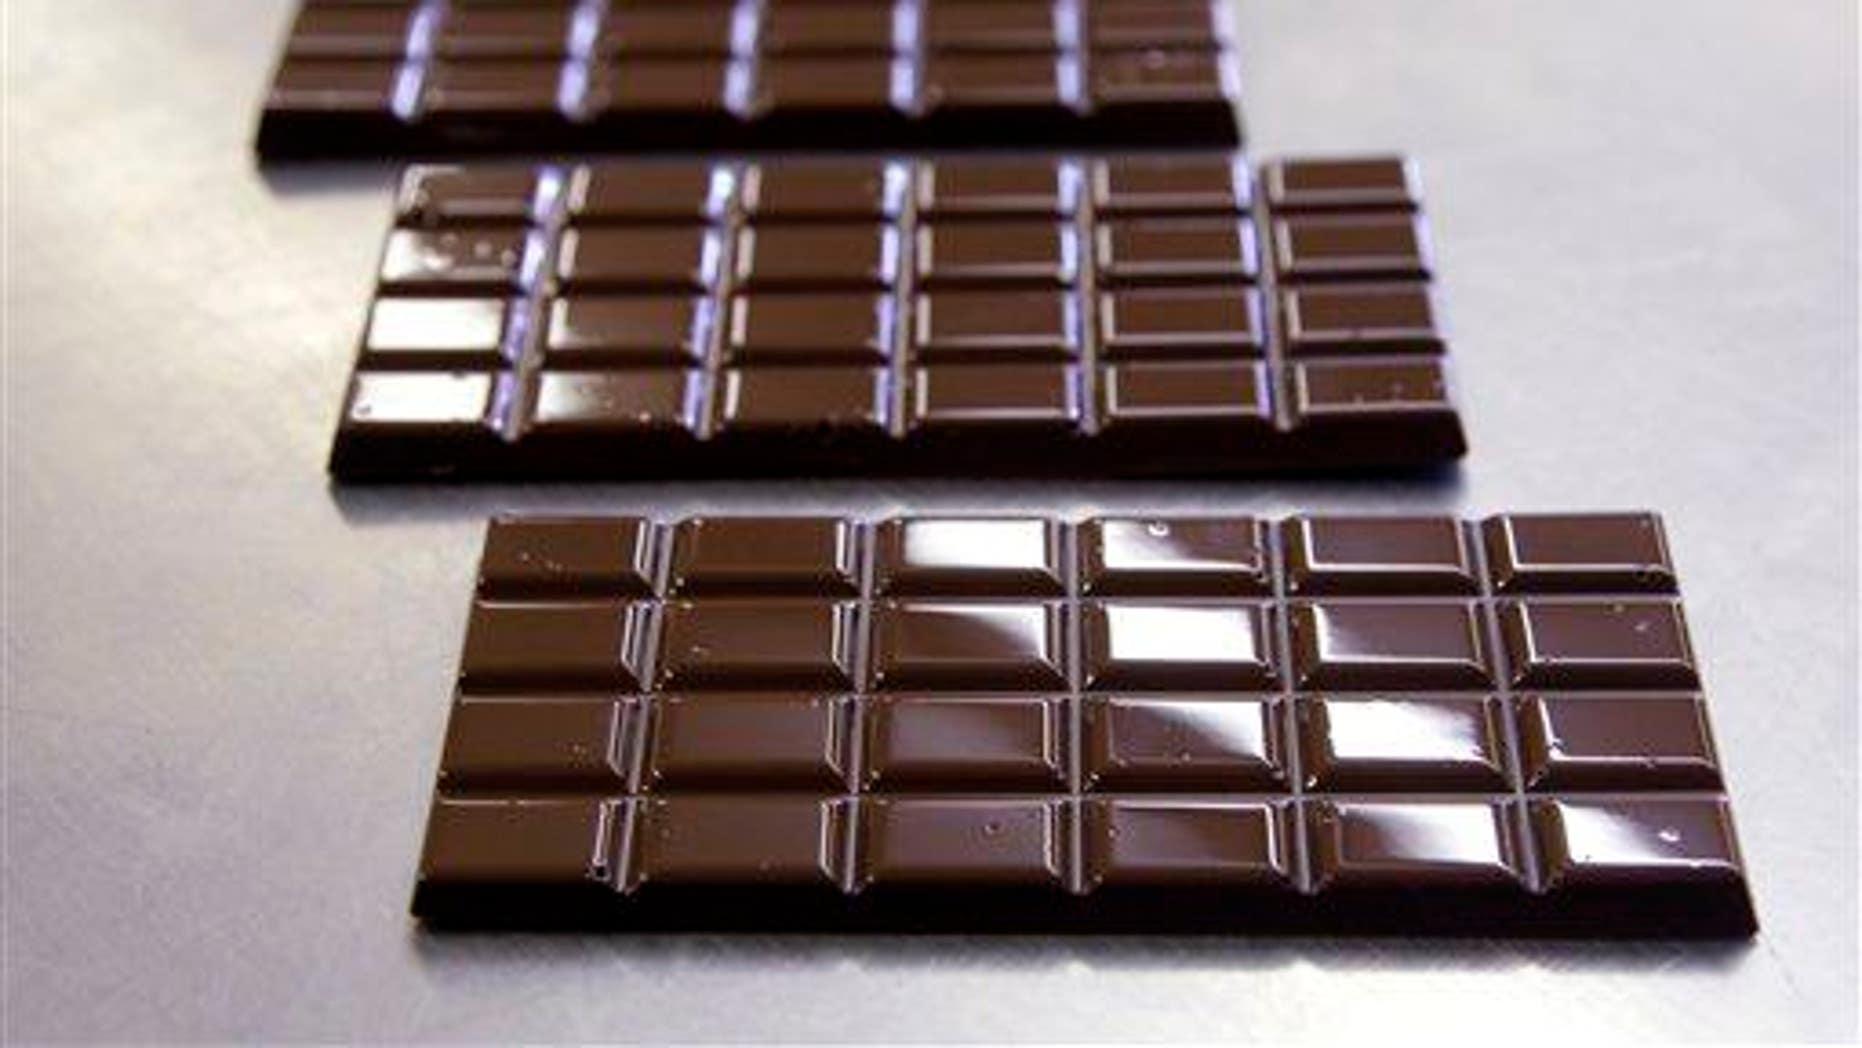 Dark chocolate bars are shown.